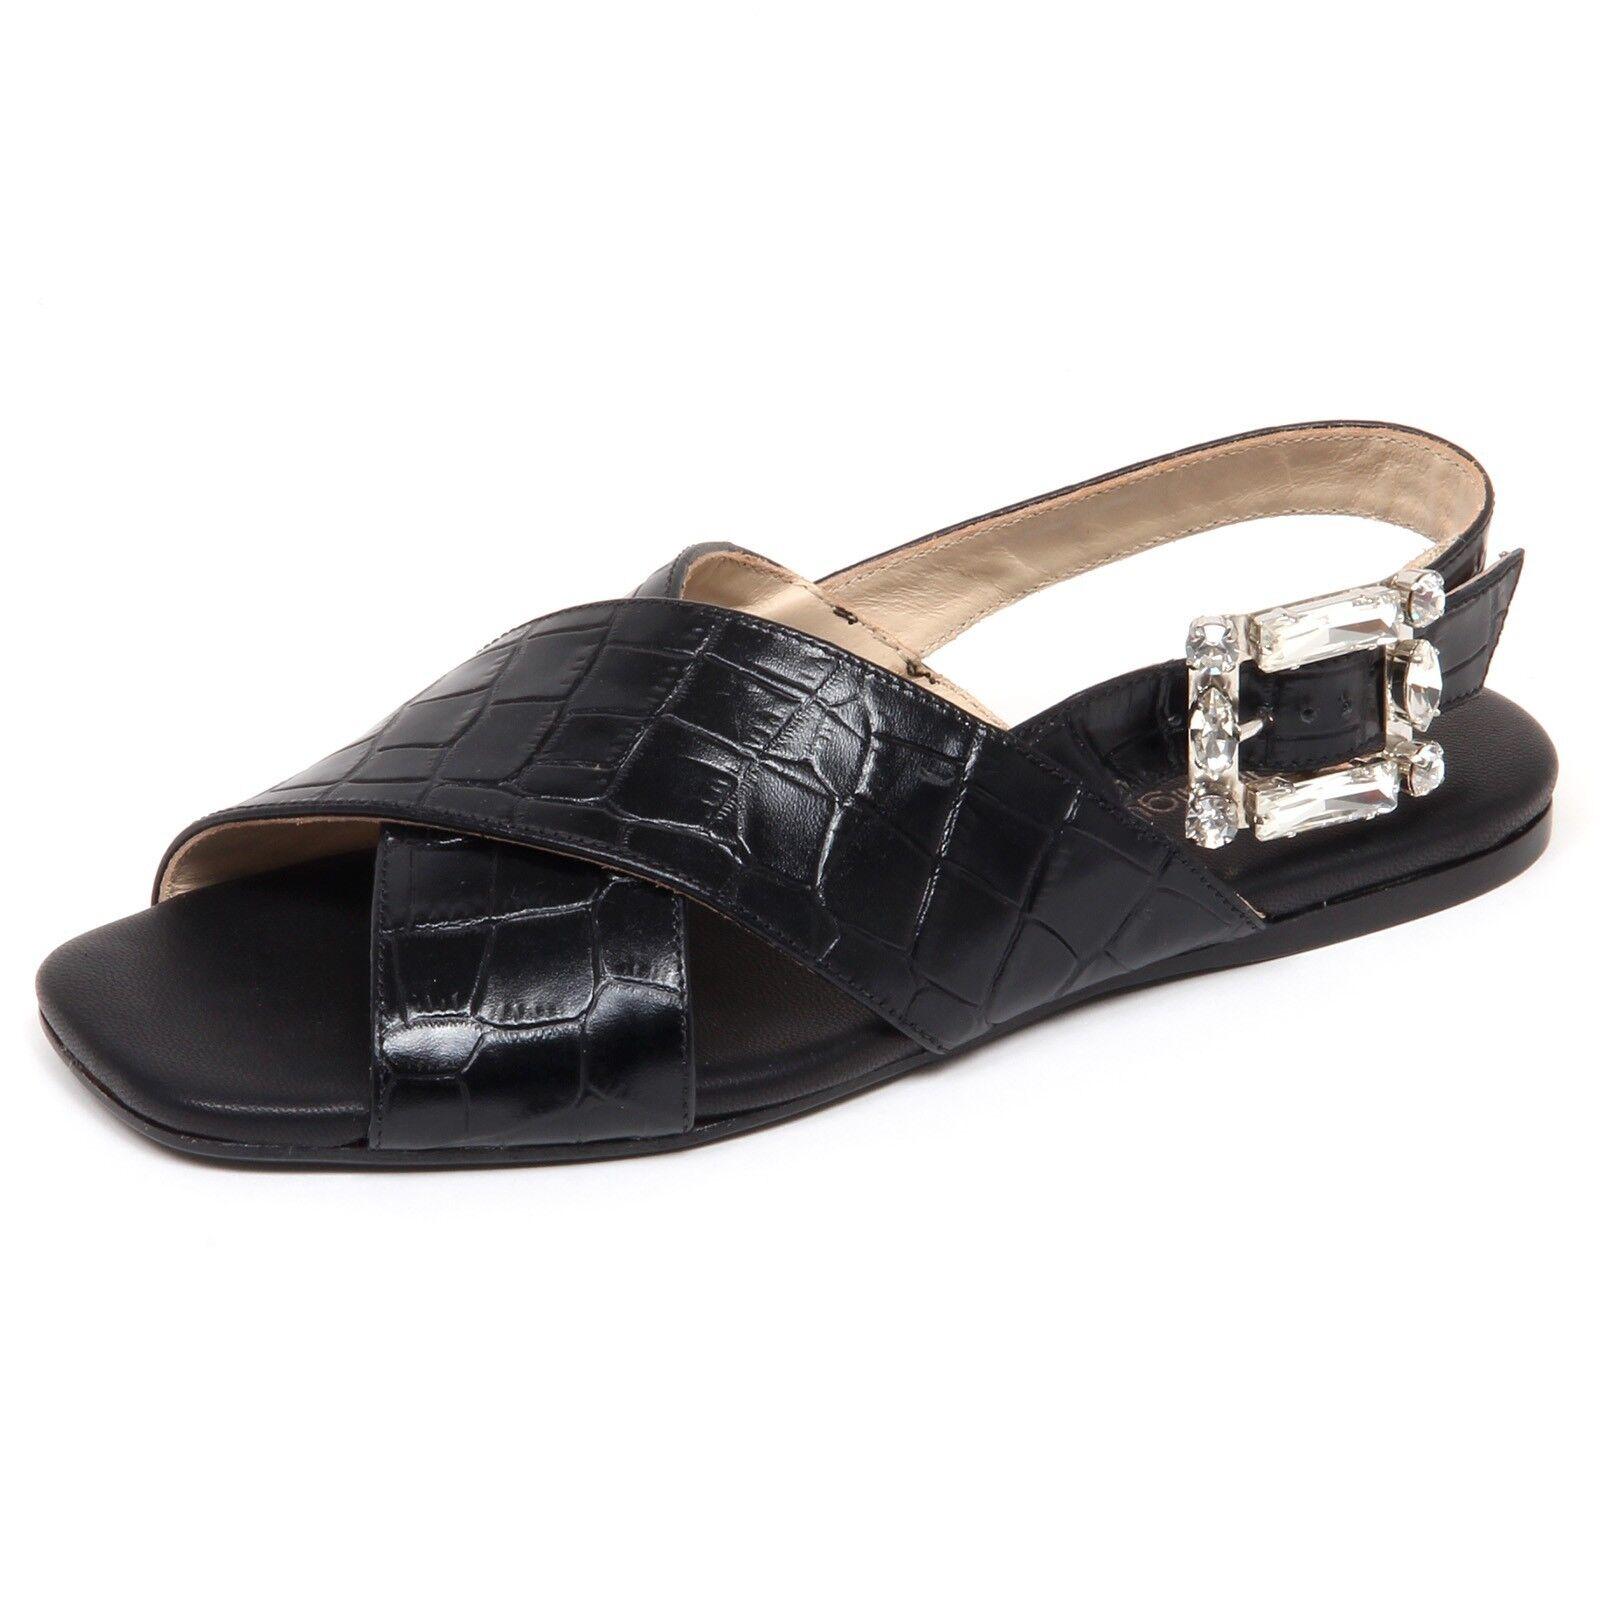 F4176 sandalo mujer negro Anna baiguera ave zapatos zapatos Woman